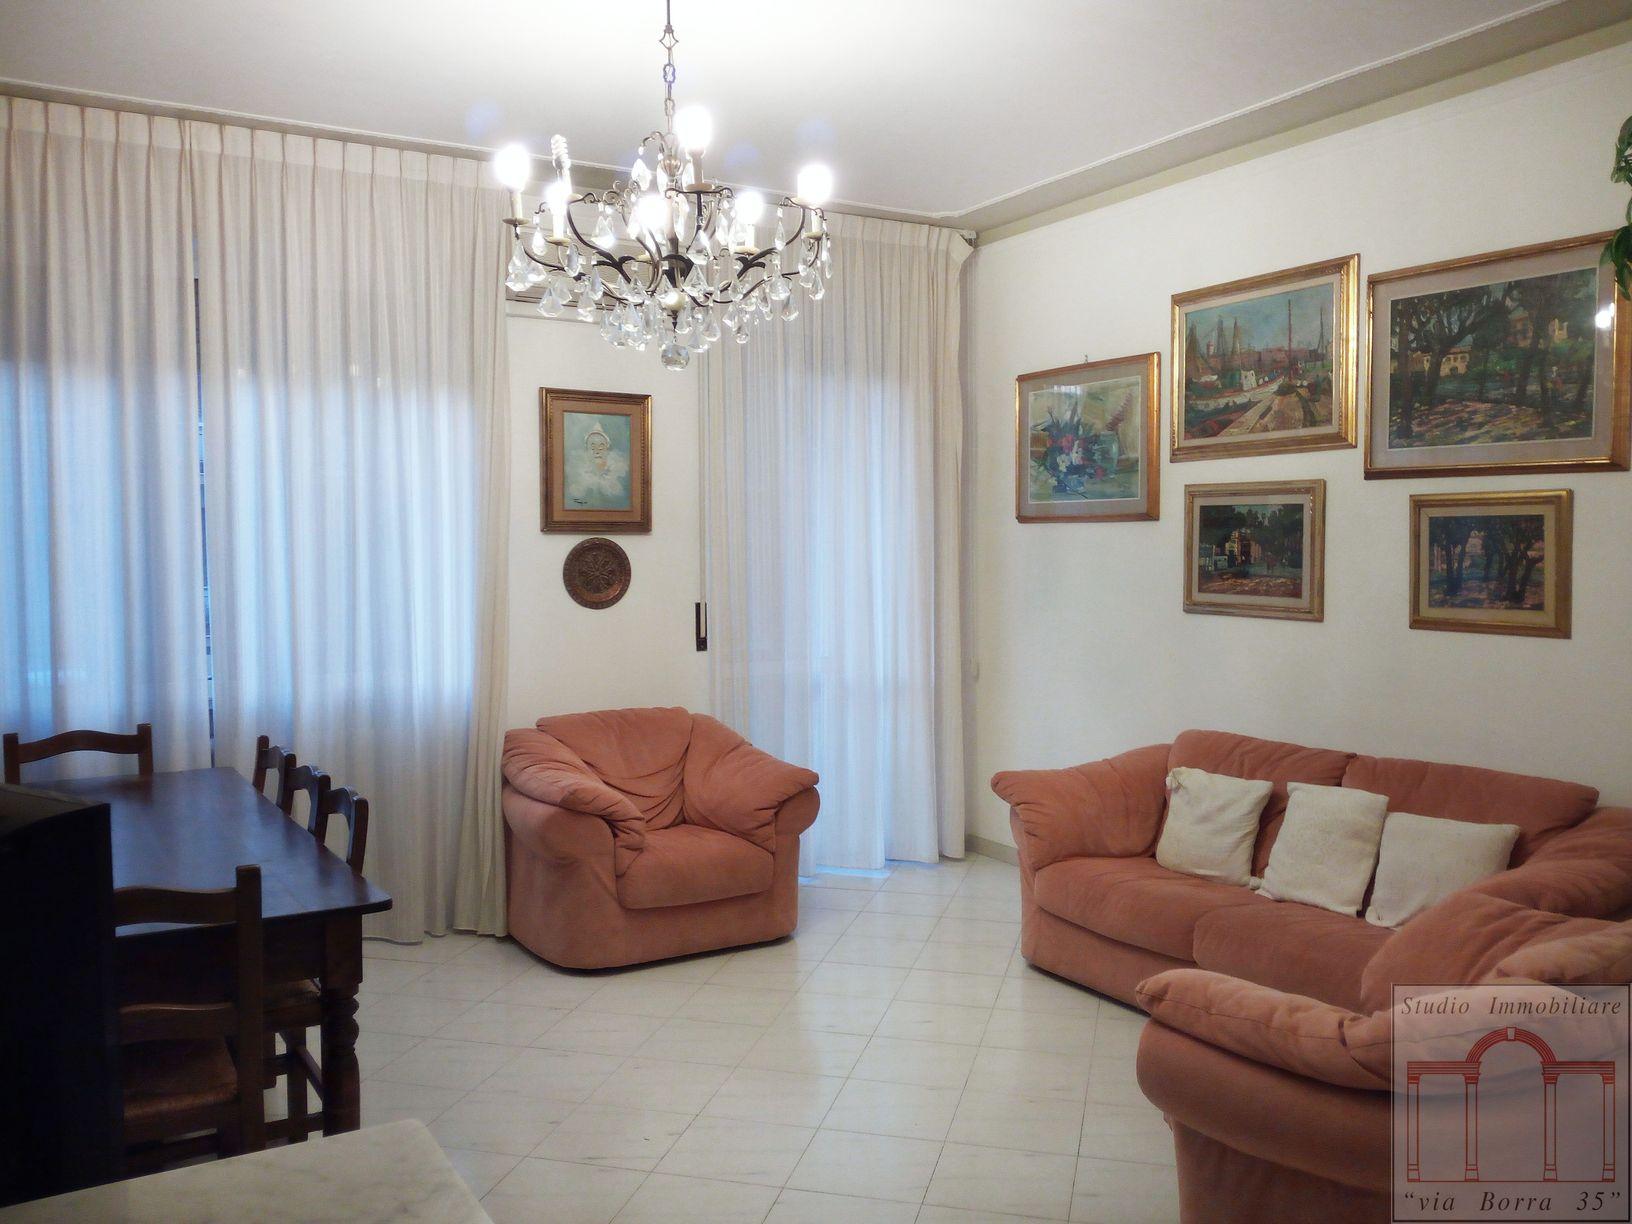 Appartamento in vendita a Livorno, 5 locali, prezzo € 235.000 | Cambio Casa.it